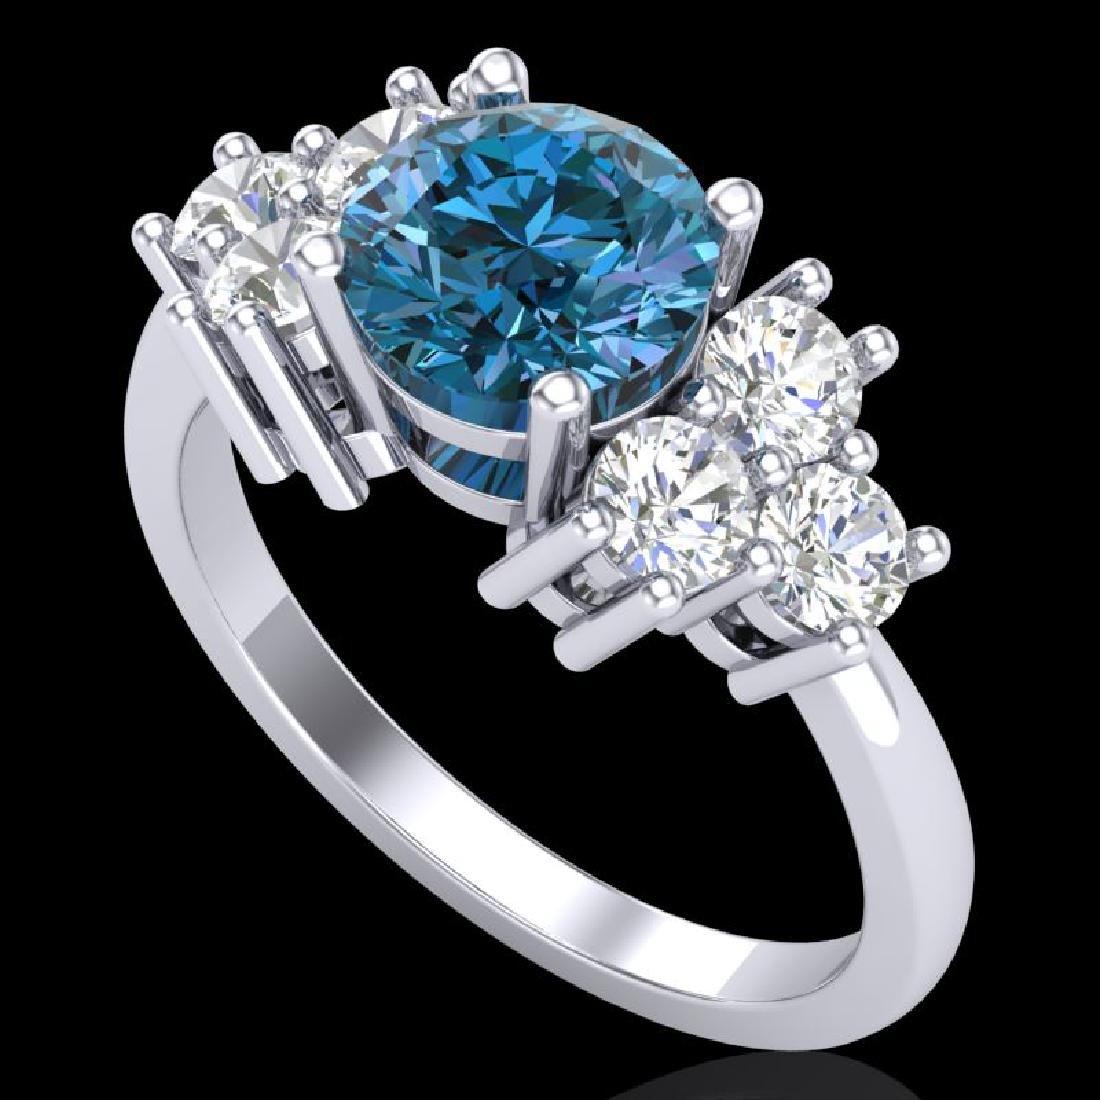 2.1 CTW Intense Blue Diamond Solitaire Engagement